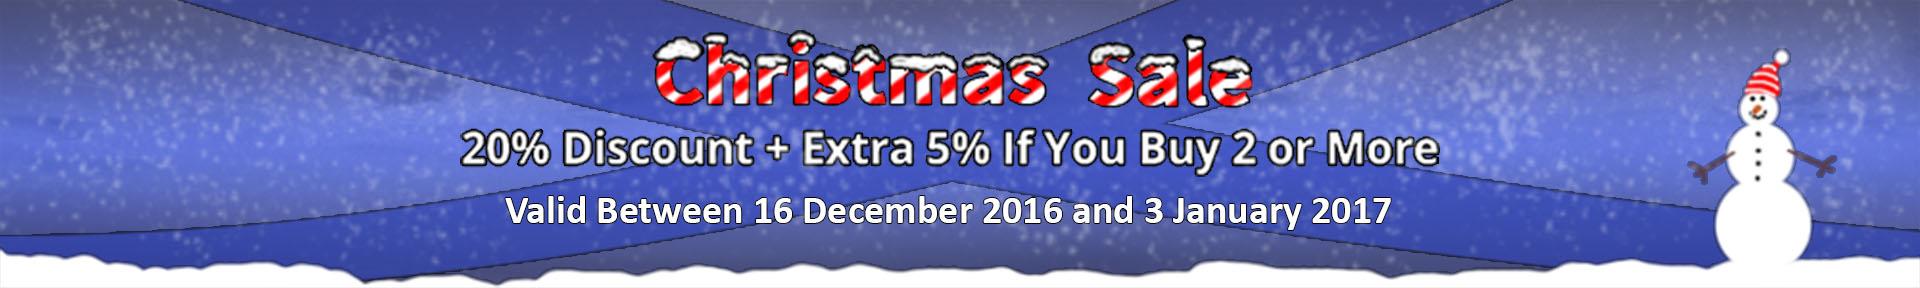 Christmas_Sale_Banner_2016v2.jpg